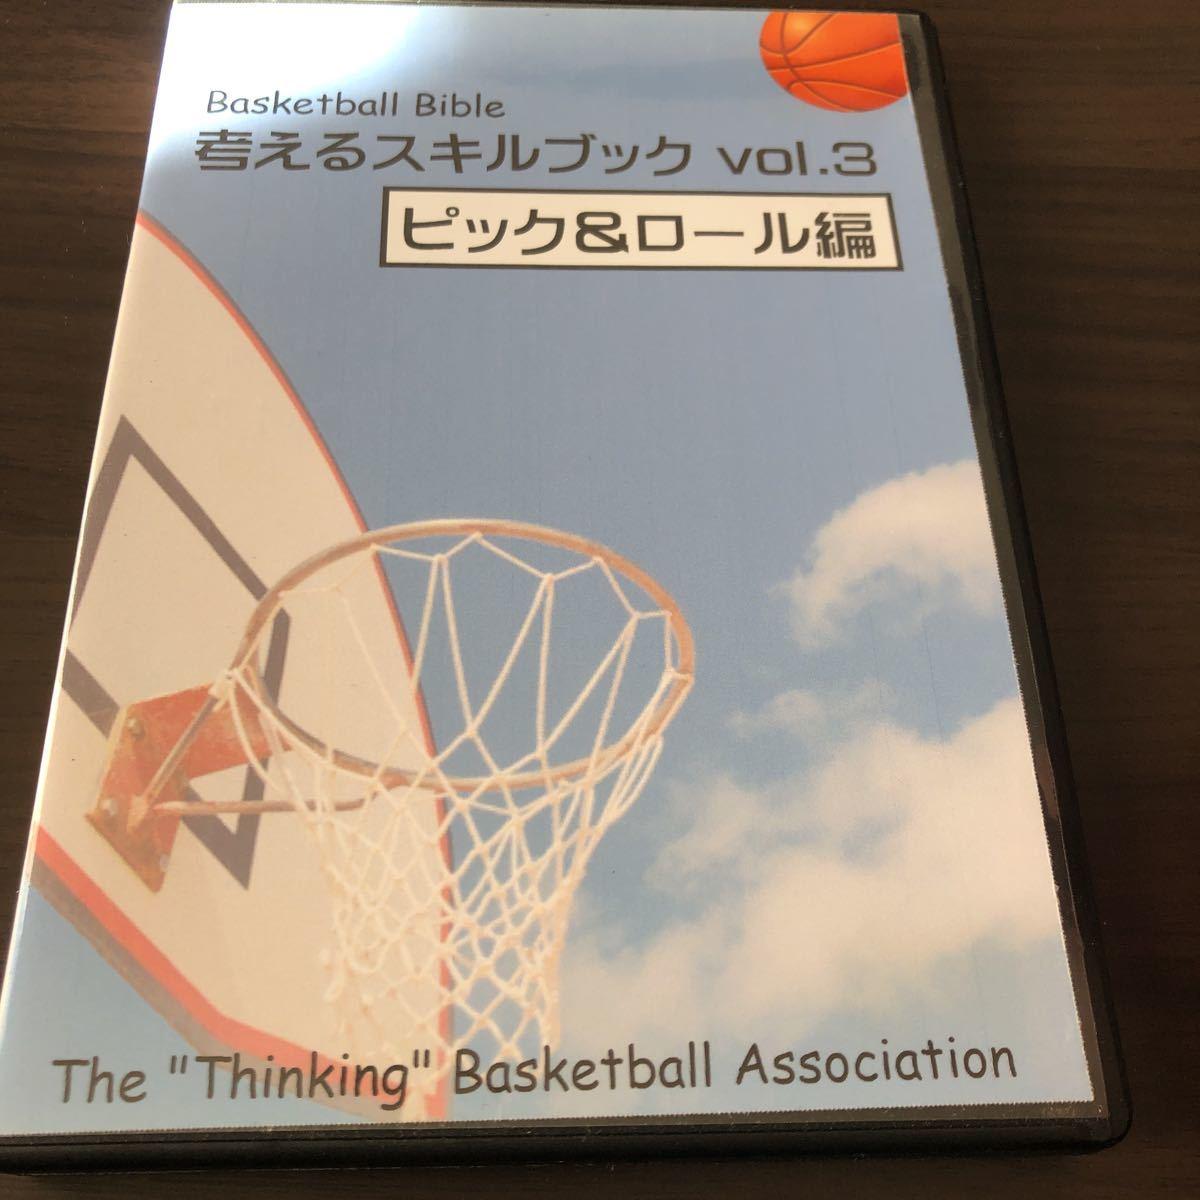 ピック&ロール ピックアンドロール バスケット DVD 10度の日本一 定価14500円 考えるバスケットの会 中川 教材